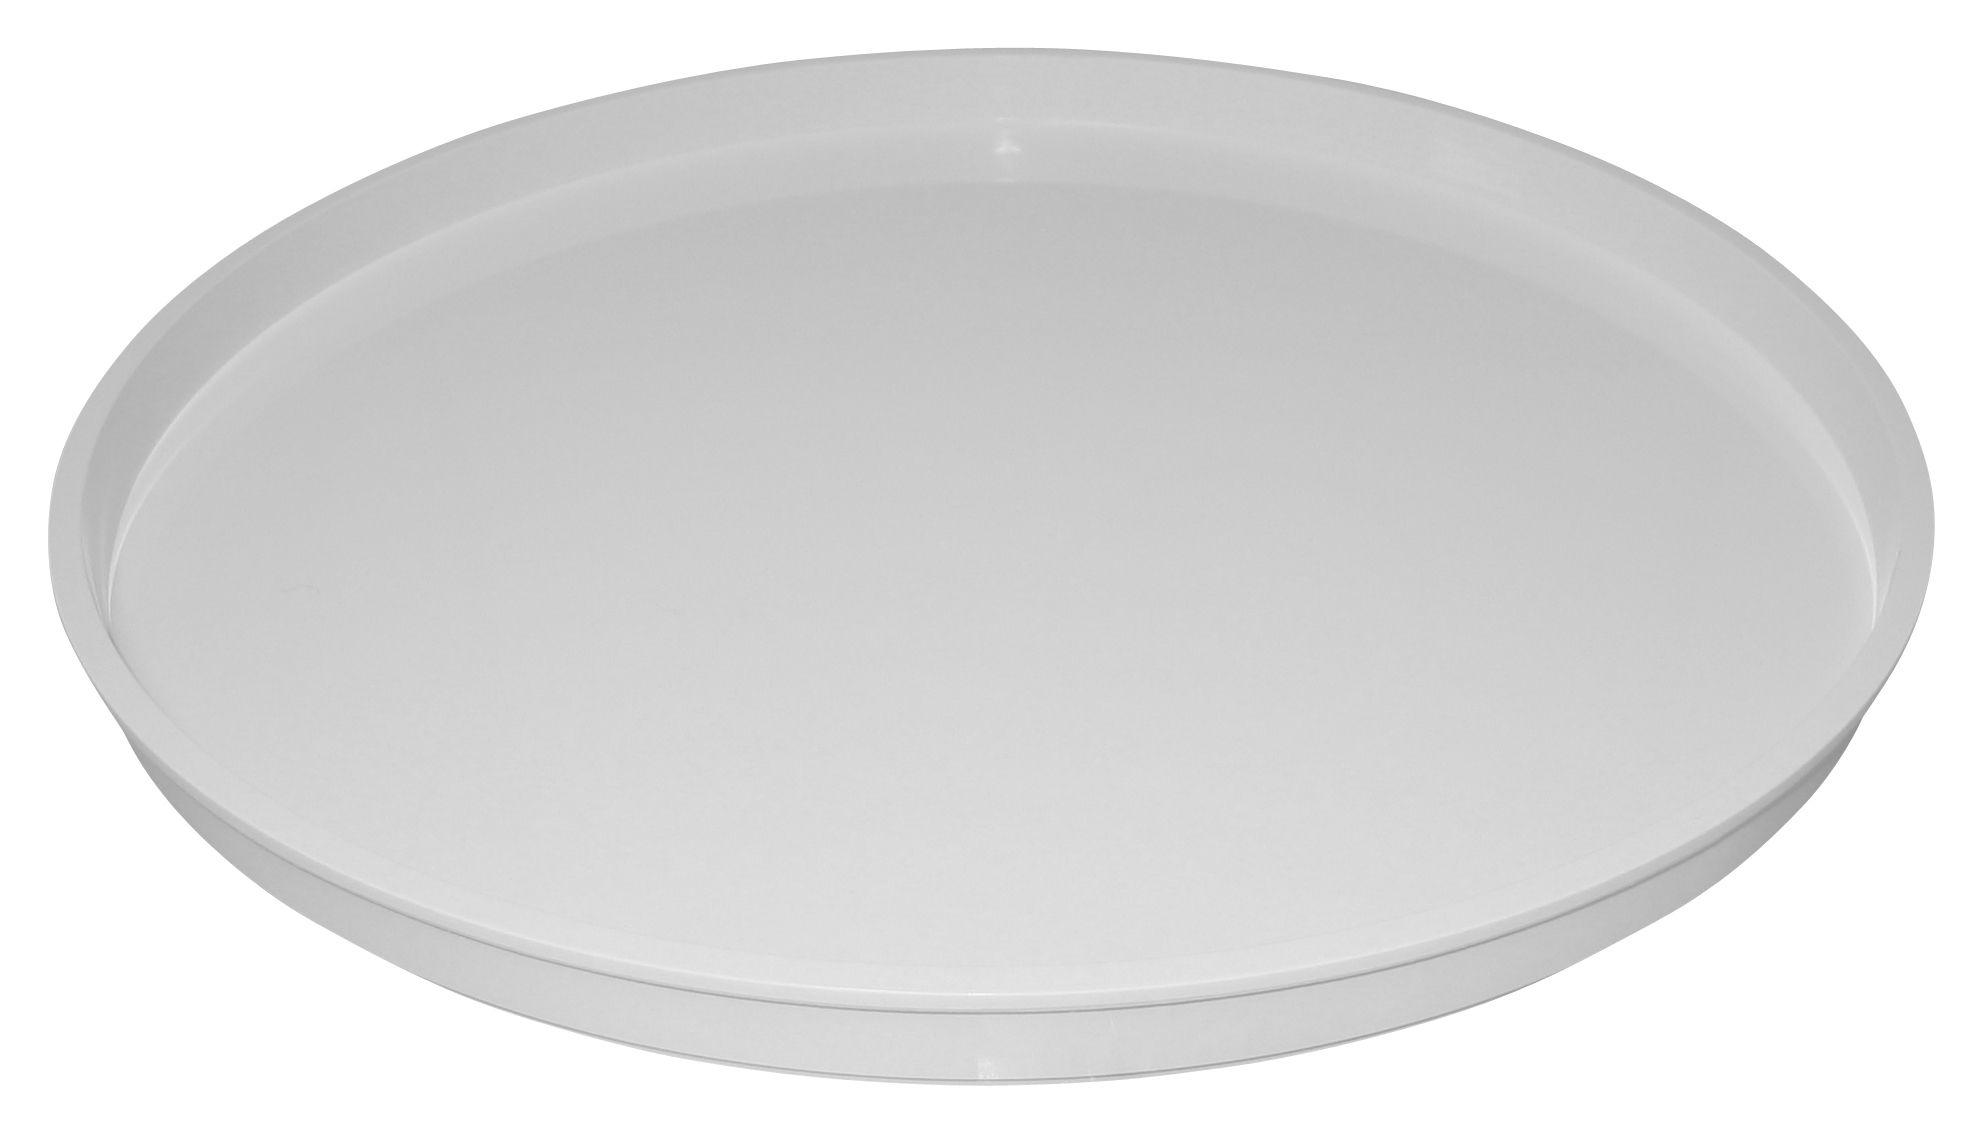 Möbel - Möbel für Teens - Tablett Für Componibili 1 Element - Kartell - Weiß - ABS